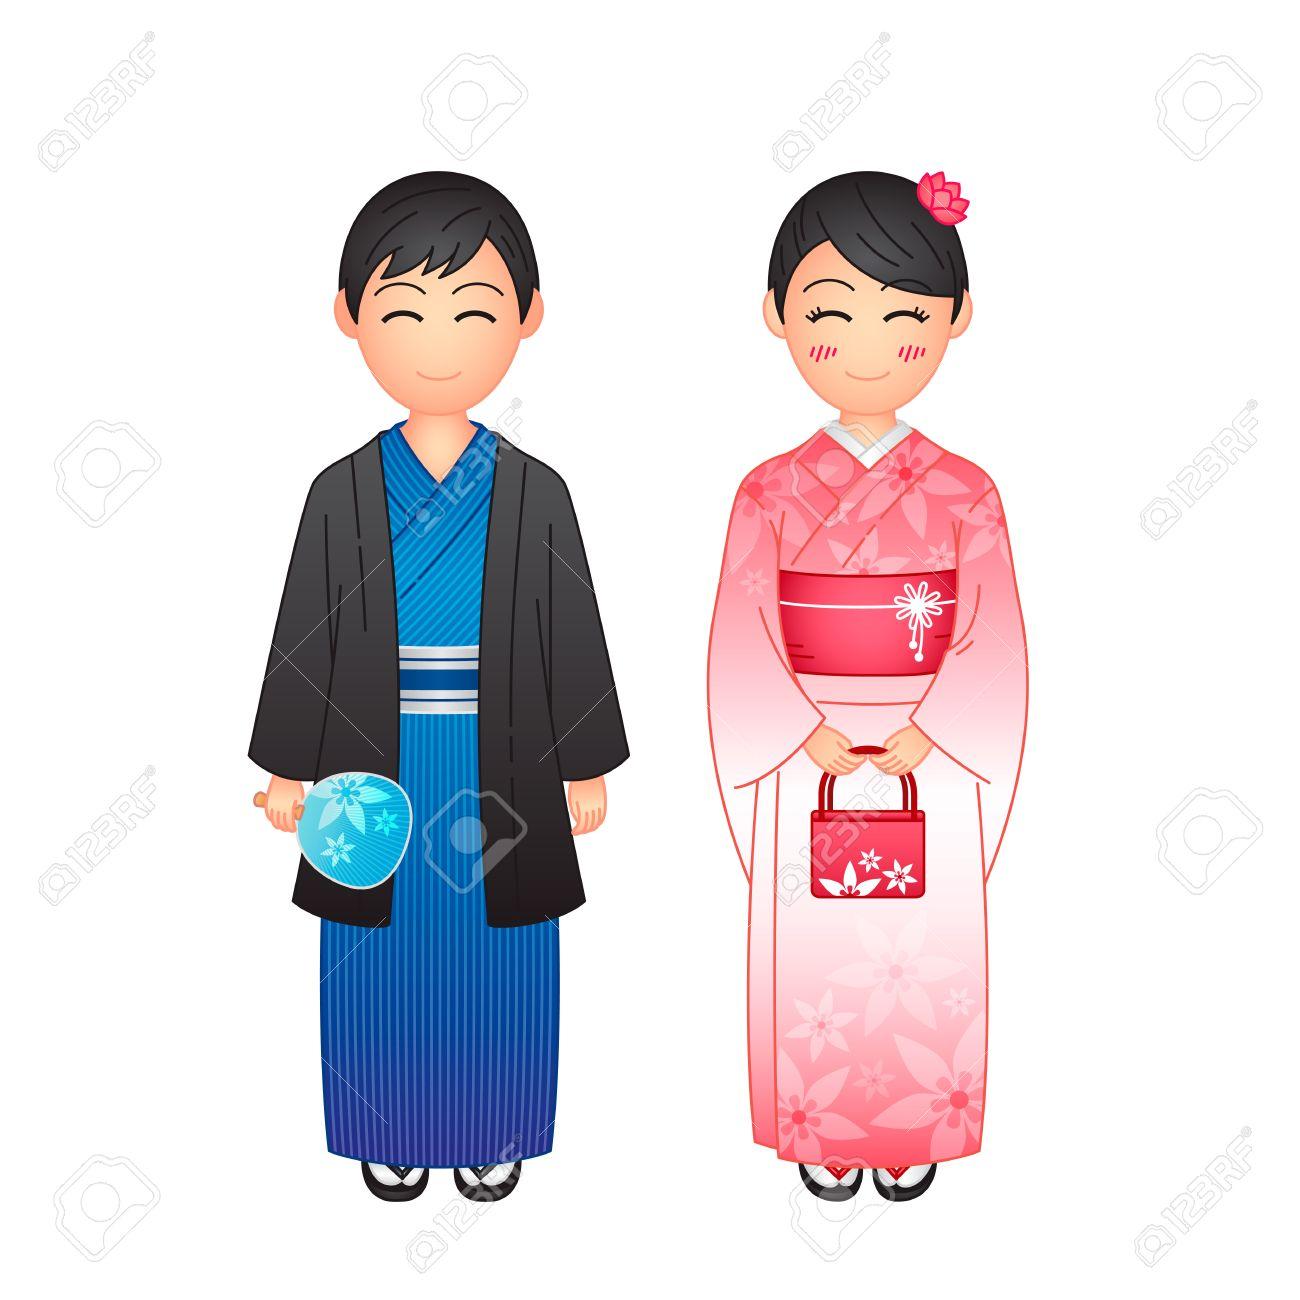 Vektor Illustration Frau Und Mann Der Traditionelle Japanische Kleidung Yukata Auf Weißem Hintergrund Trägt Lizenzfrei Nutzbare Vektorgrafiken Clip Arts Illustrationen Image 68149263